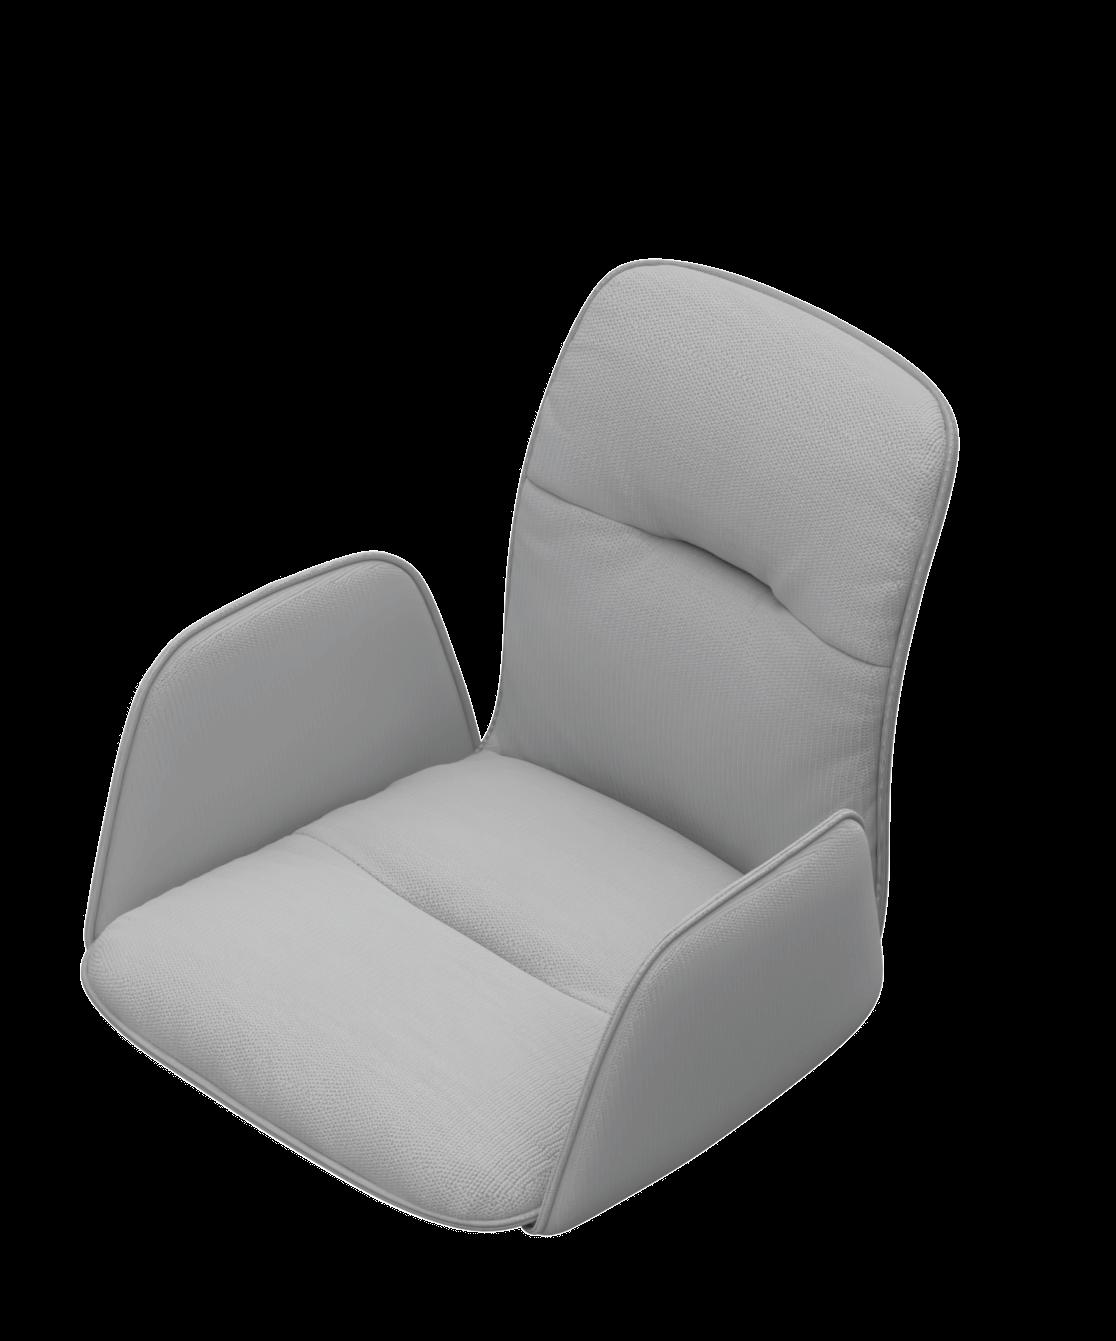 Sitzschale Vinja